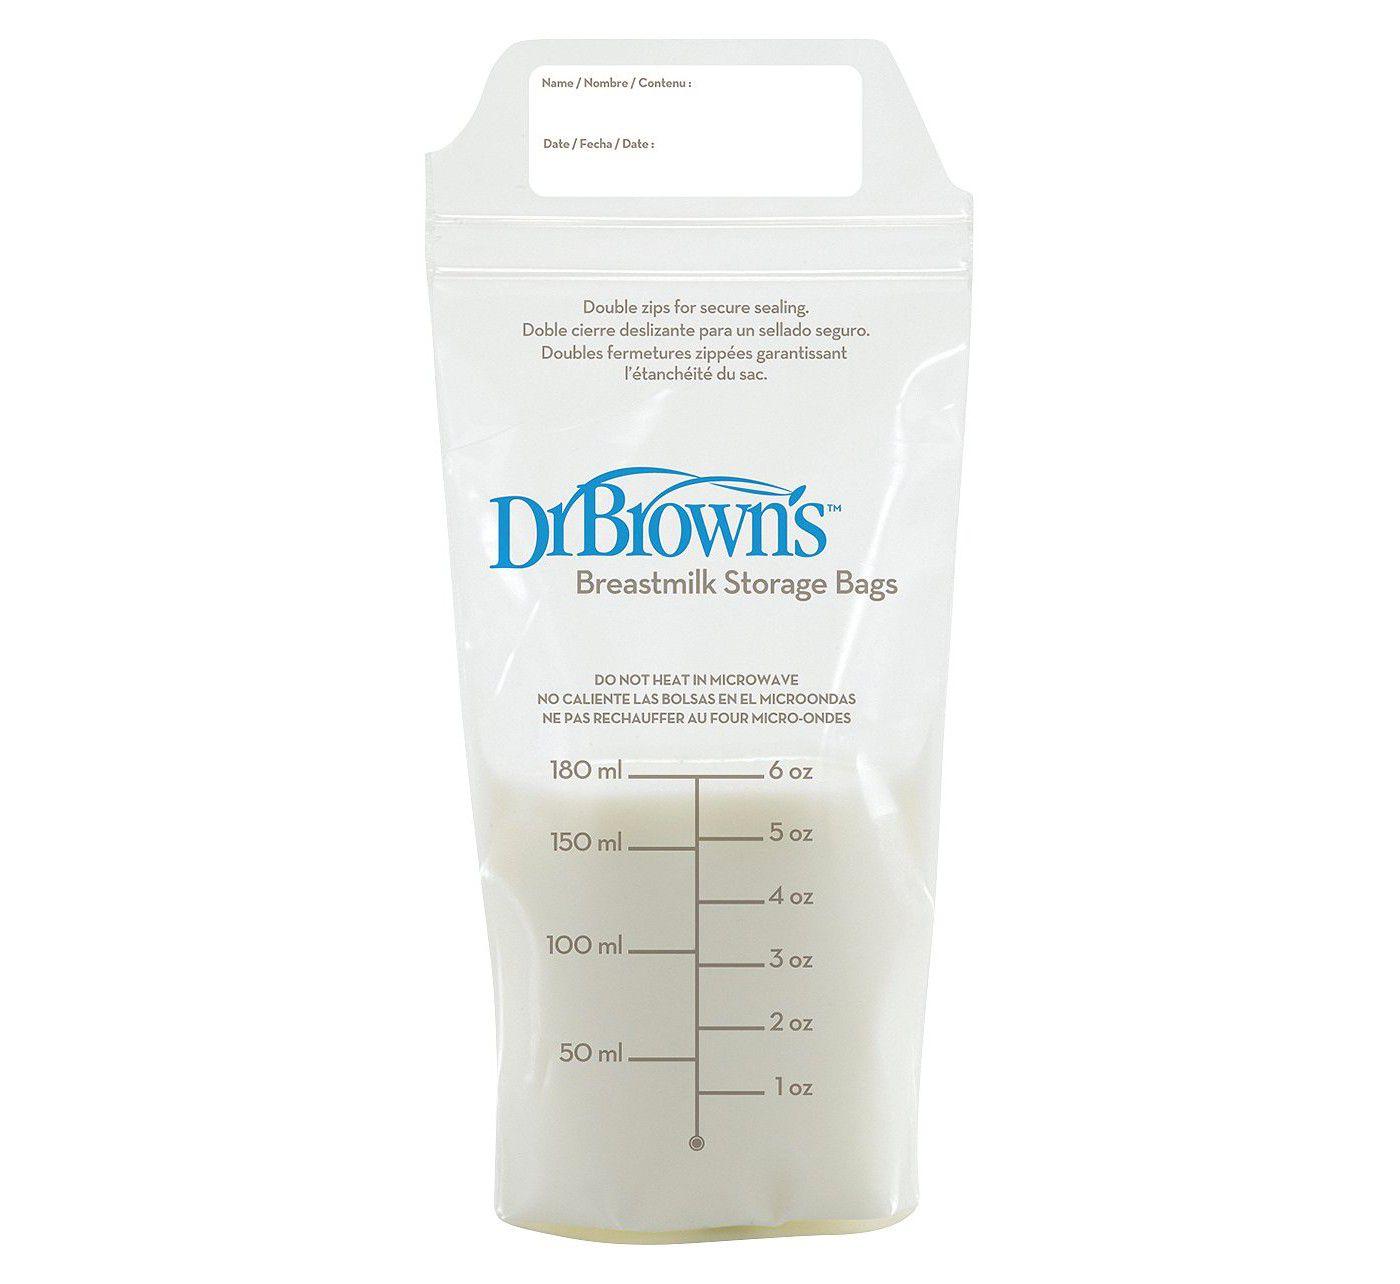 180ml 100 Count 6oz Medela Breast Milk Storage Bags